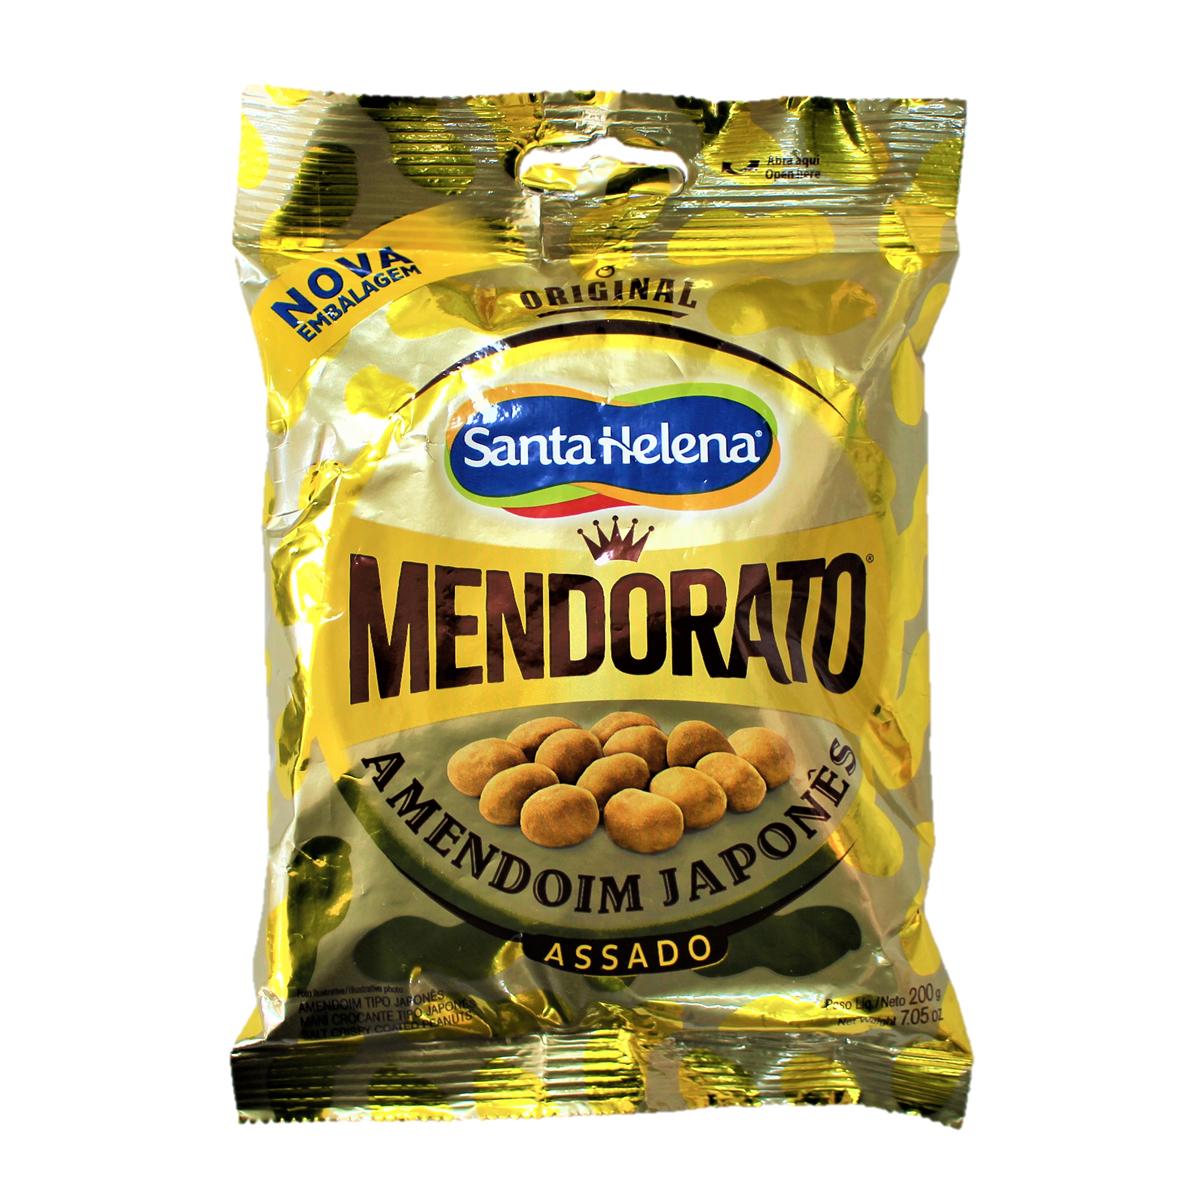 ピーナッツのサクサクスナック菓子 お酒のおつまみに 人気ブランド 贈物 MENDORATO Original ブラジル 醤油味 食品 200gピーナッツ菓子